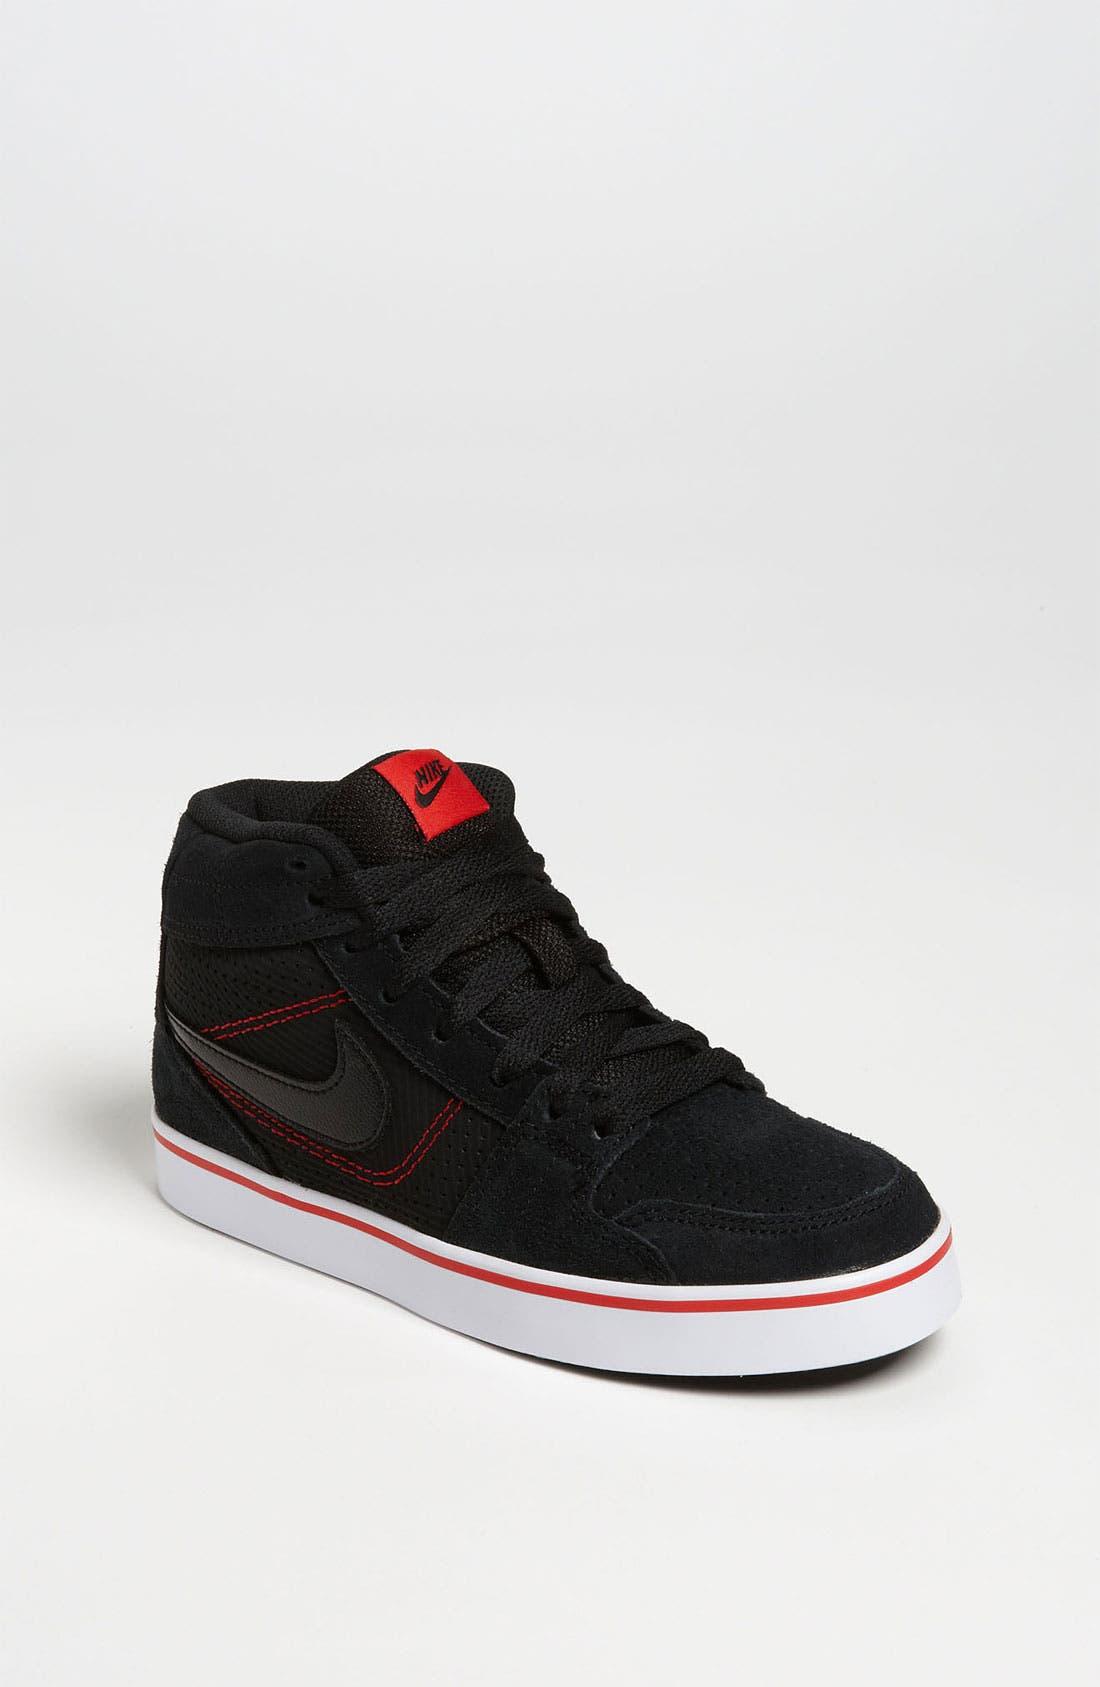 Alternate Image 1 Selected - Nike 'Ruckus Mid Jr. 6.0' Sneaker (Toddler, Little Kid & Big Kid)